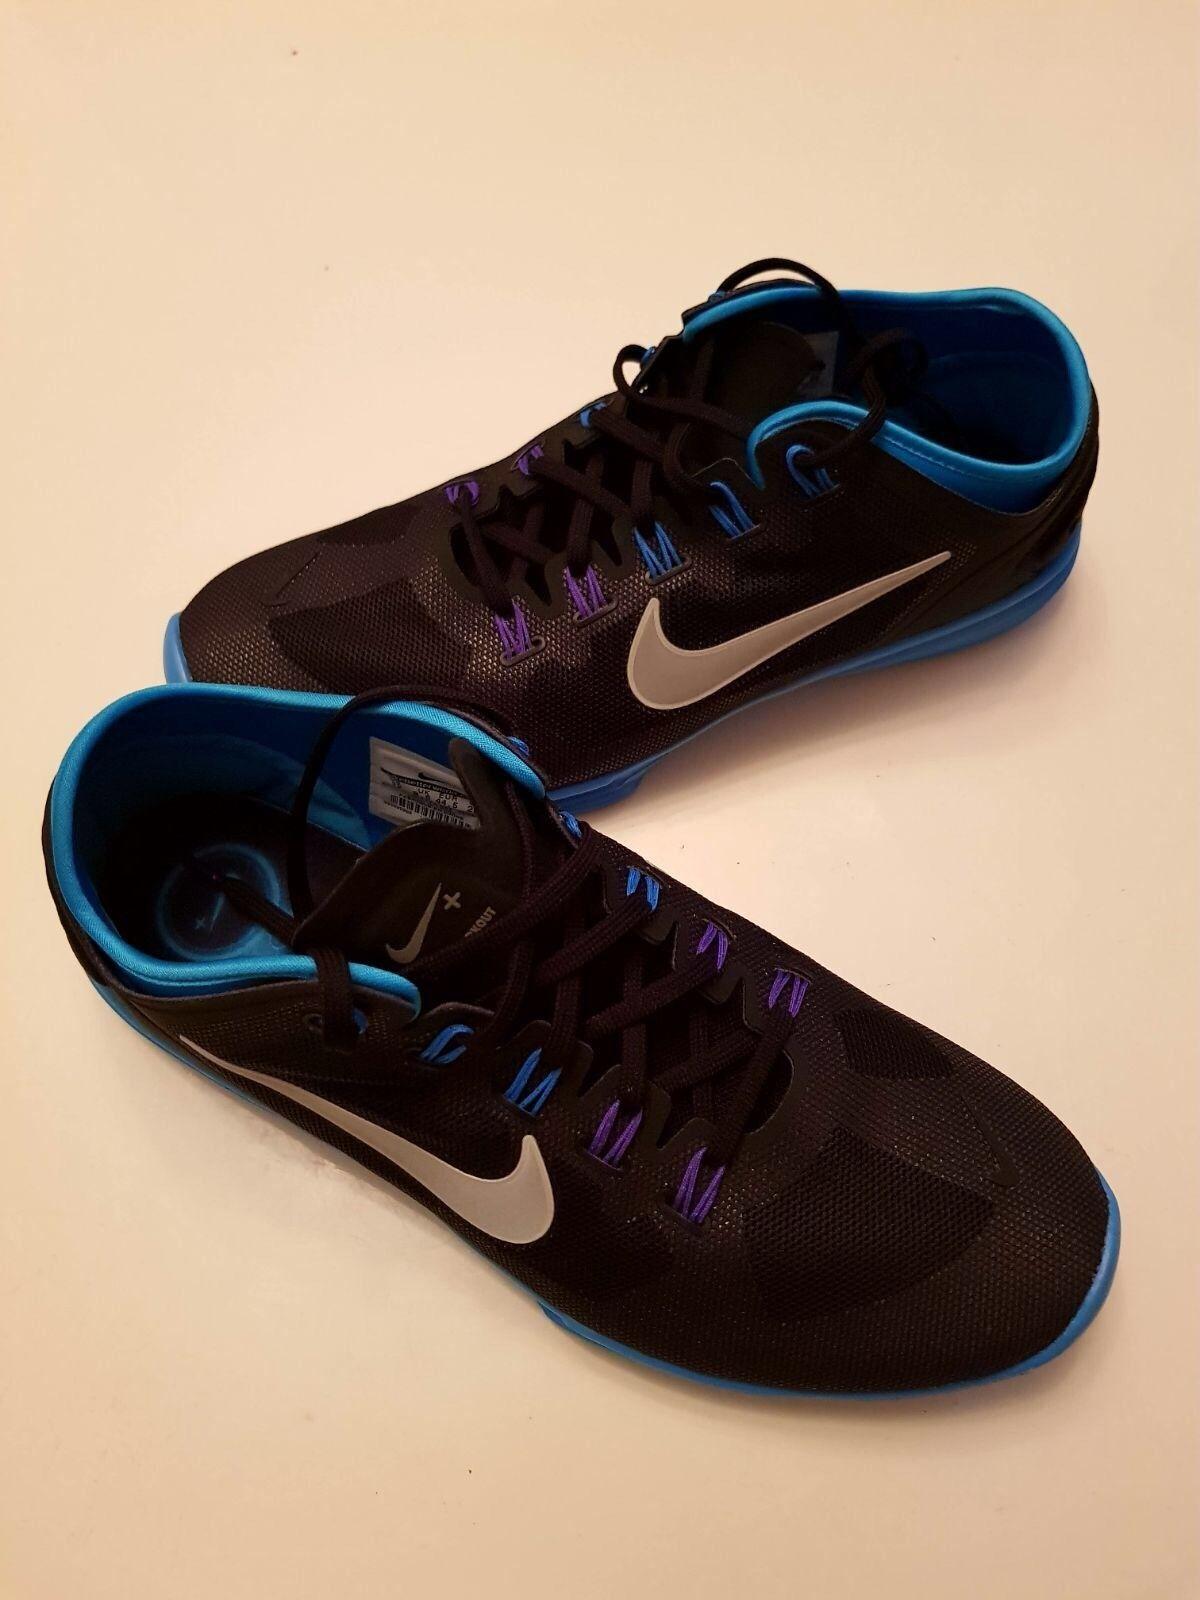 Nike w lunar iper allenamento + sport uk9.5 pack  palestra in scarpe   pack 90cc59